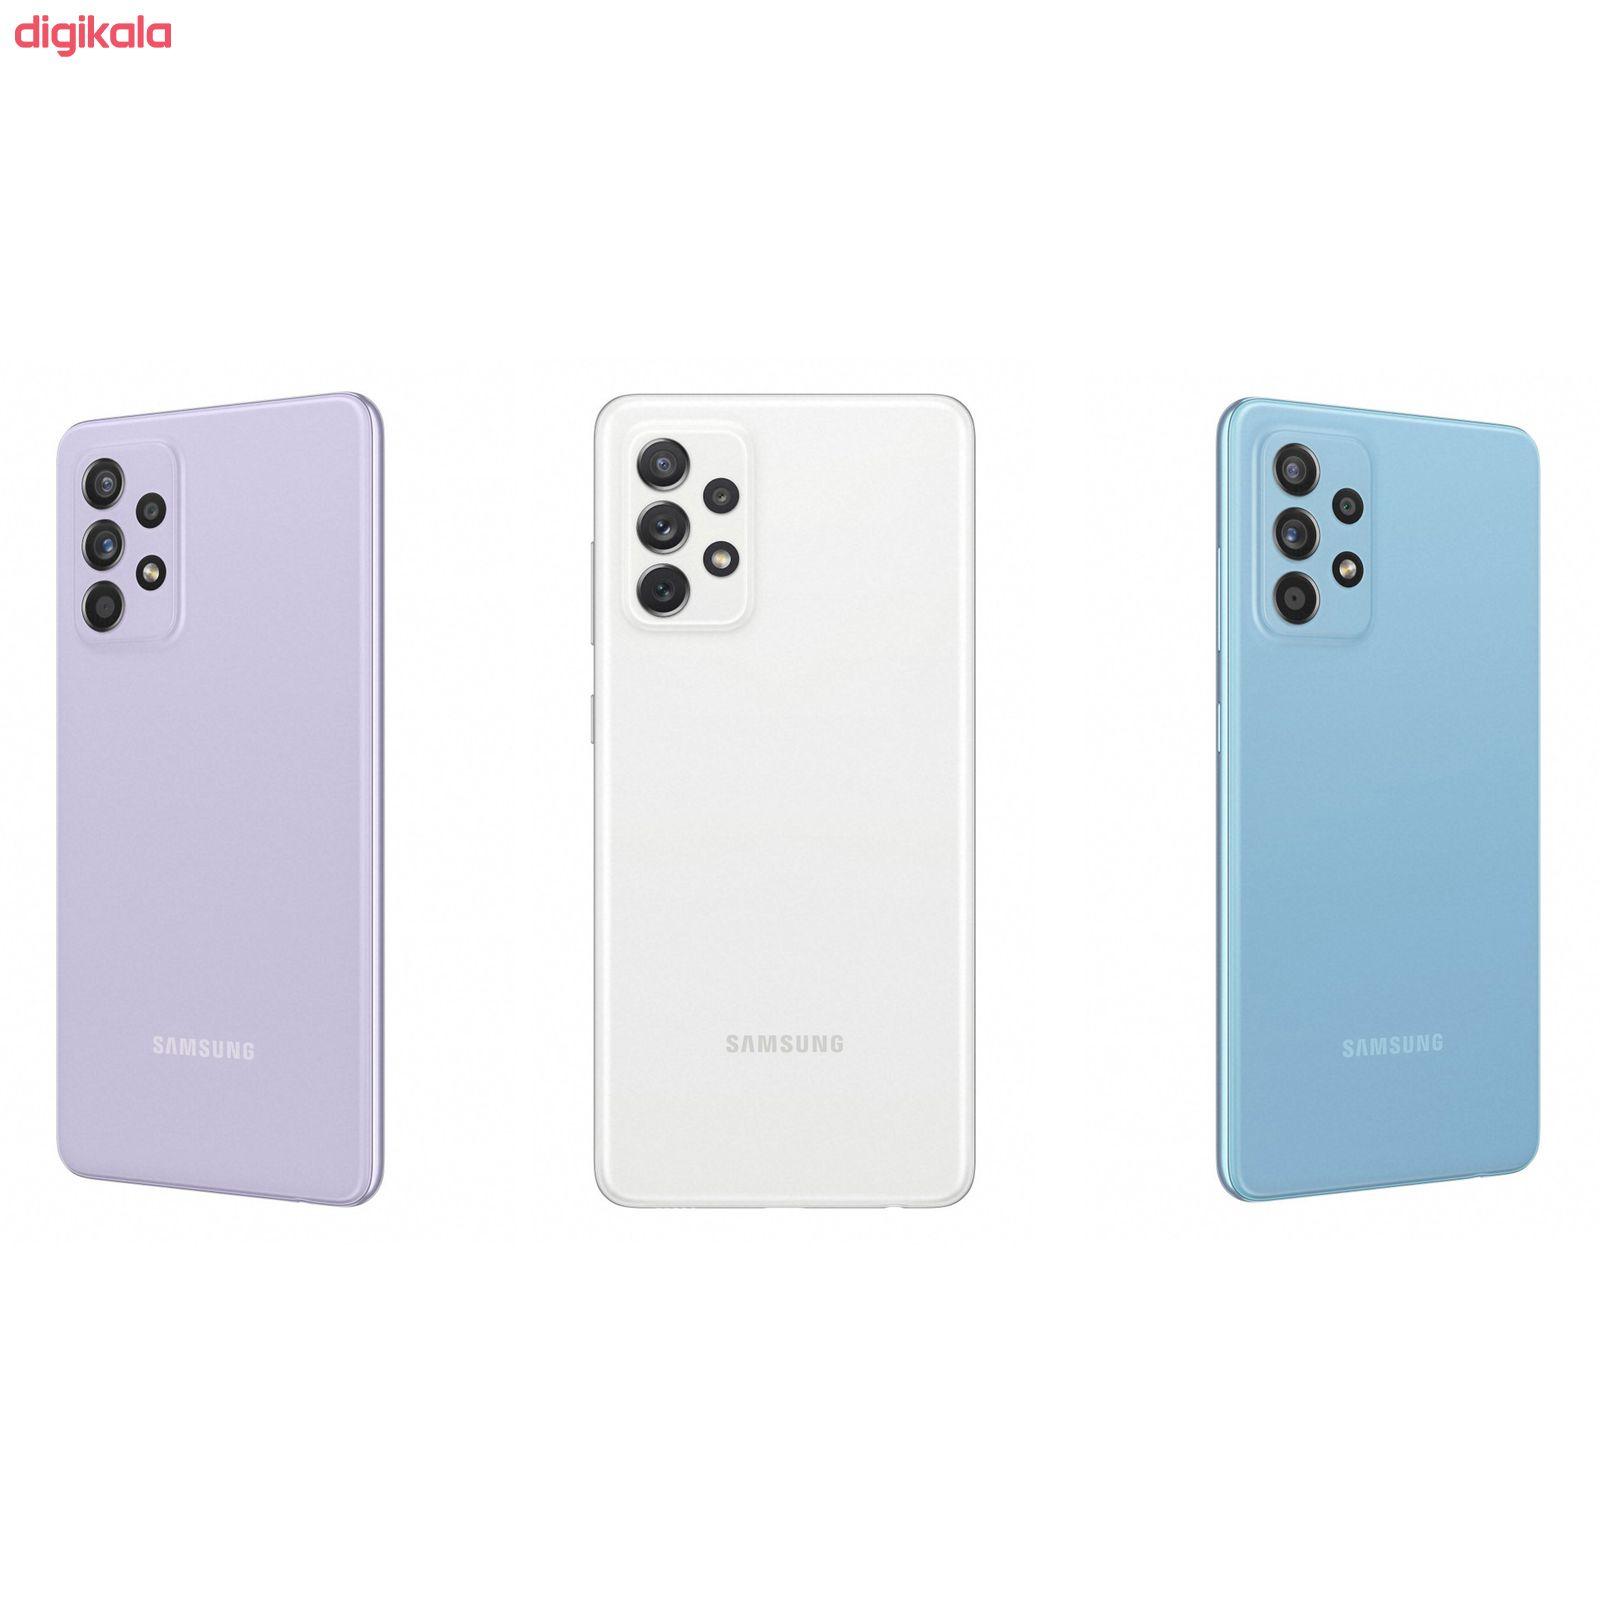 گوشی موبایل سامسونگ مدل  A72 SM-A725F/DS دو سیمکارت ظرفیت 256 گیگابایت و رم 8 گیگابایت  main 1 3